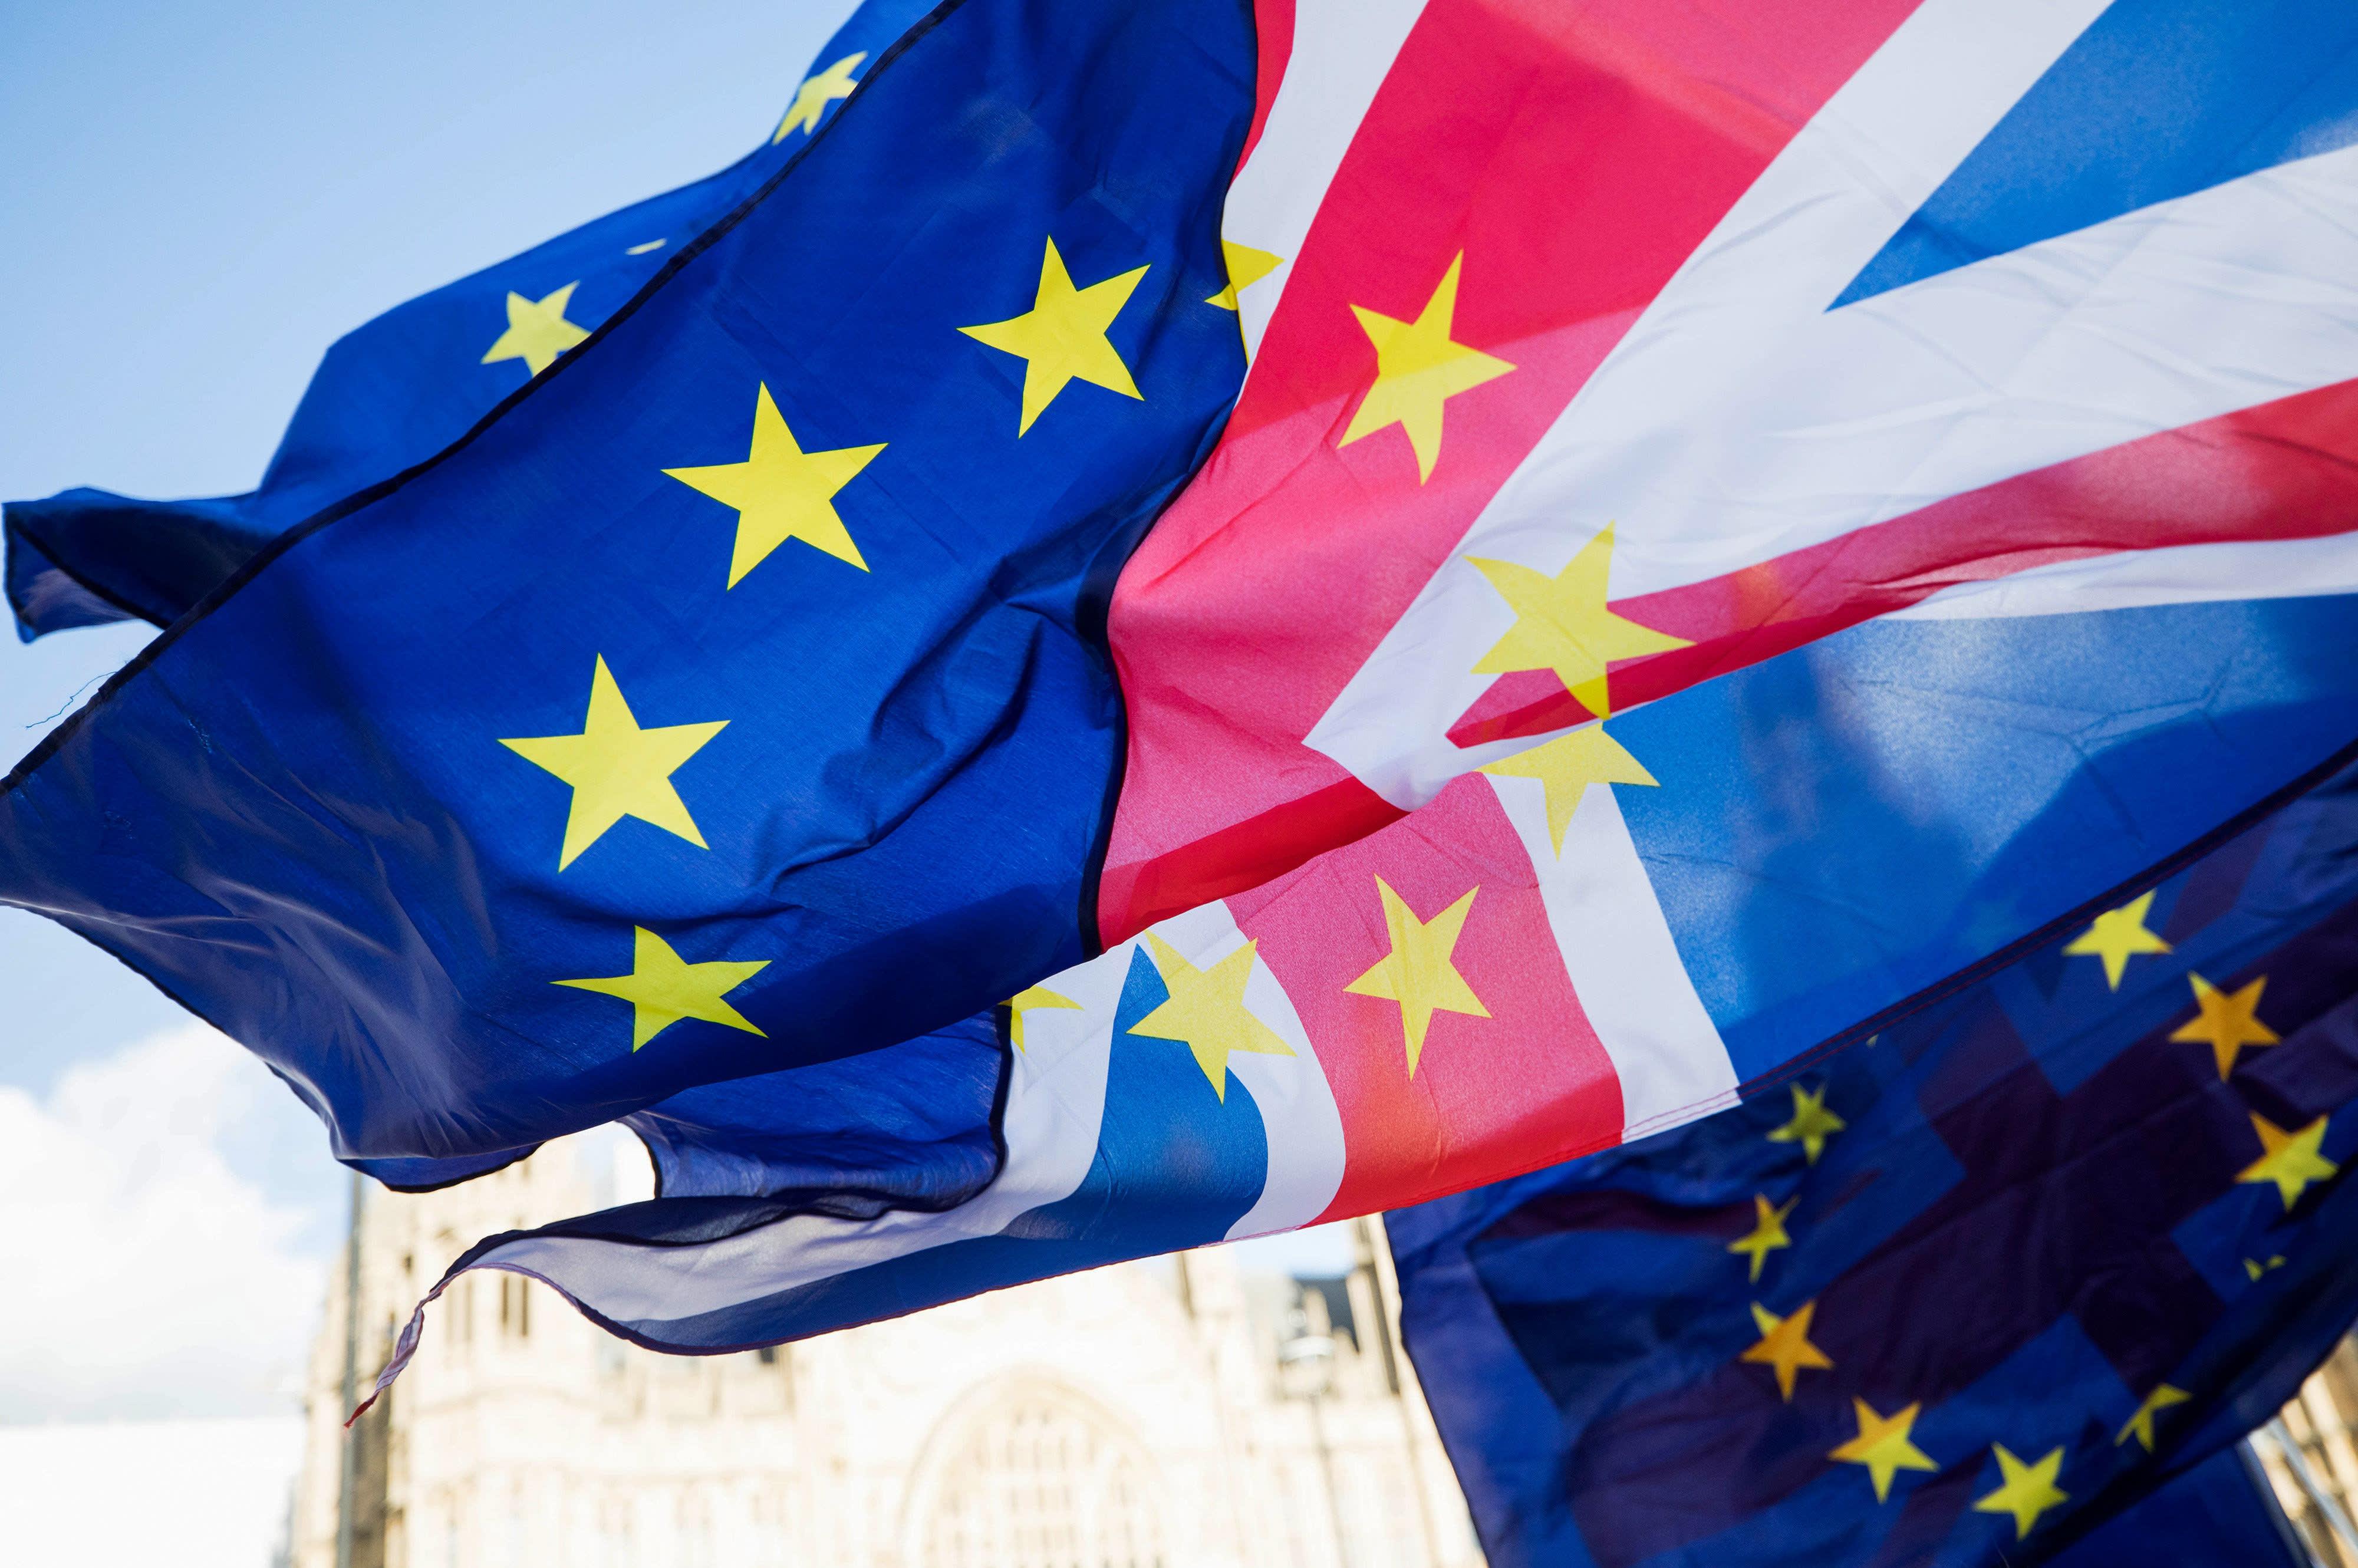 LEBC postpones IPO amid Brexit uncertainty